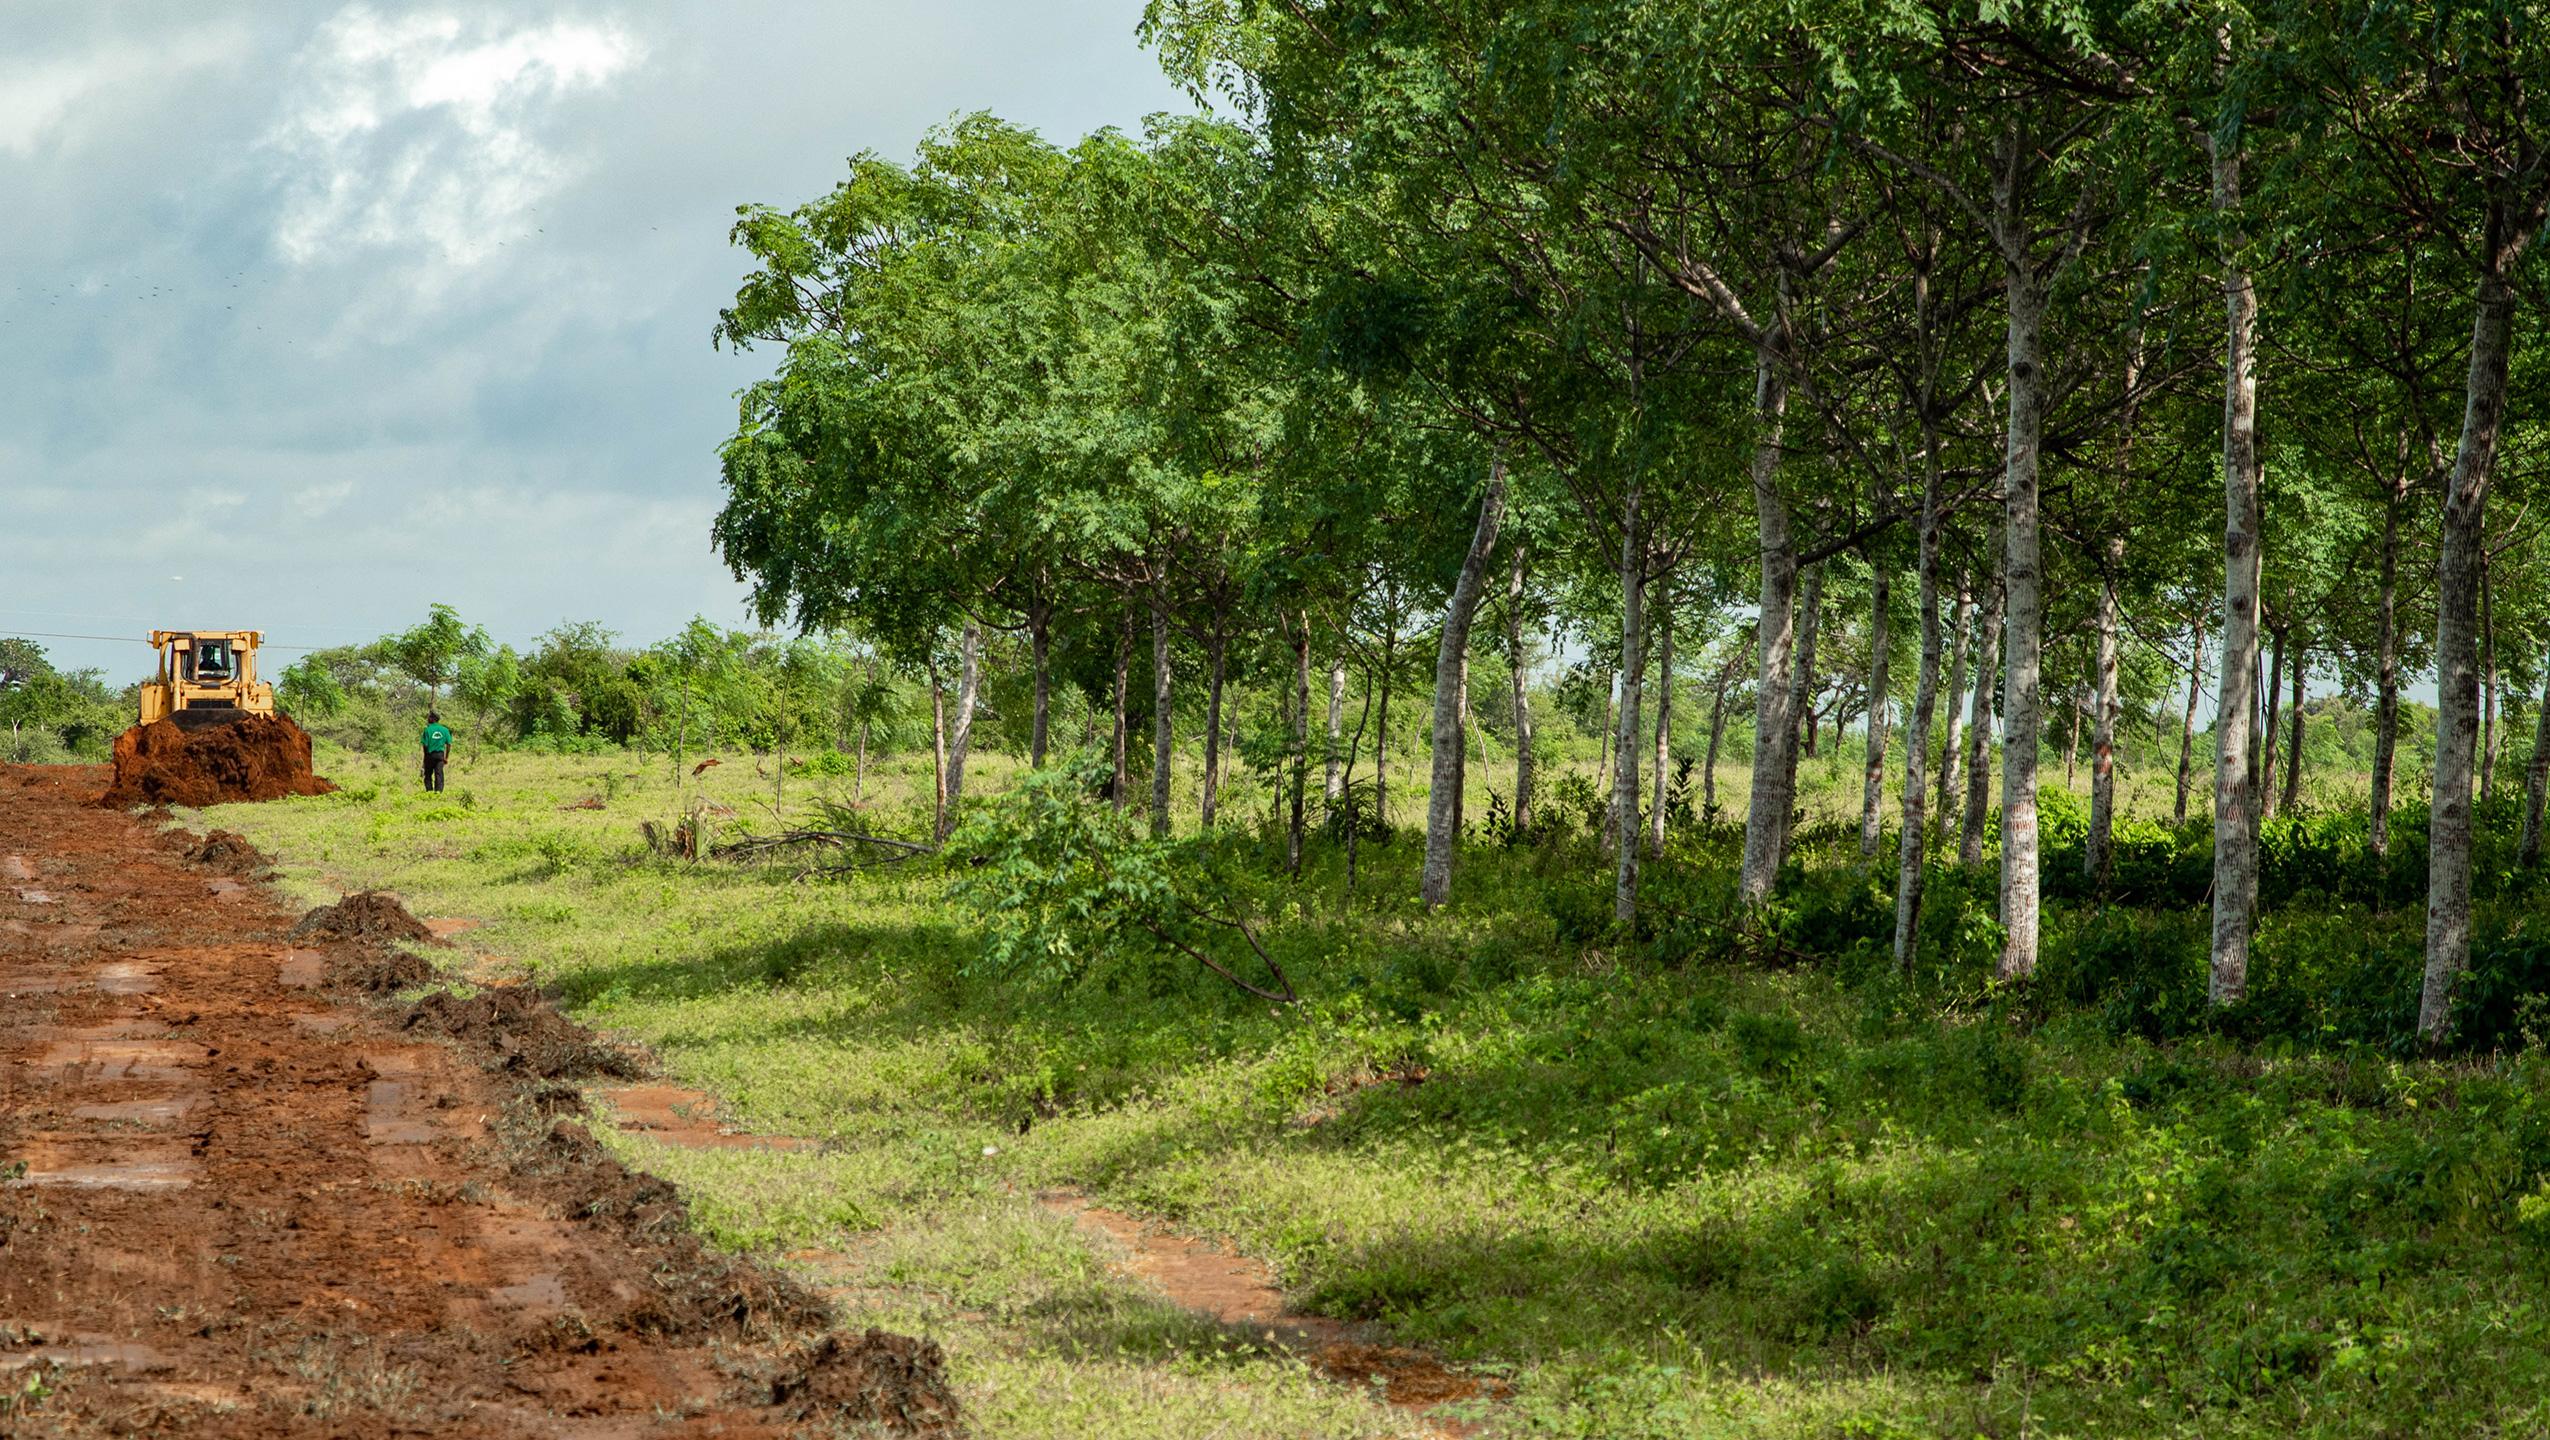 La plantación de árboles reduce la amenaza climática